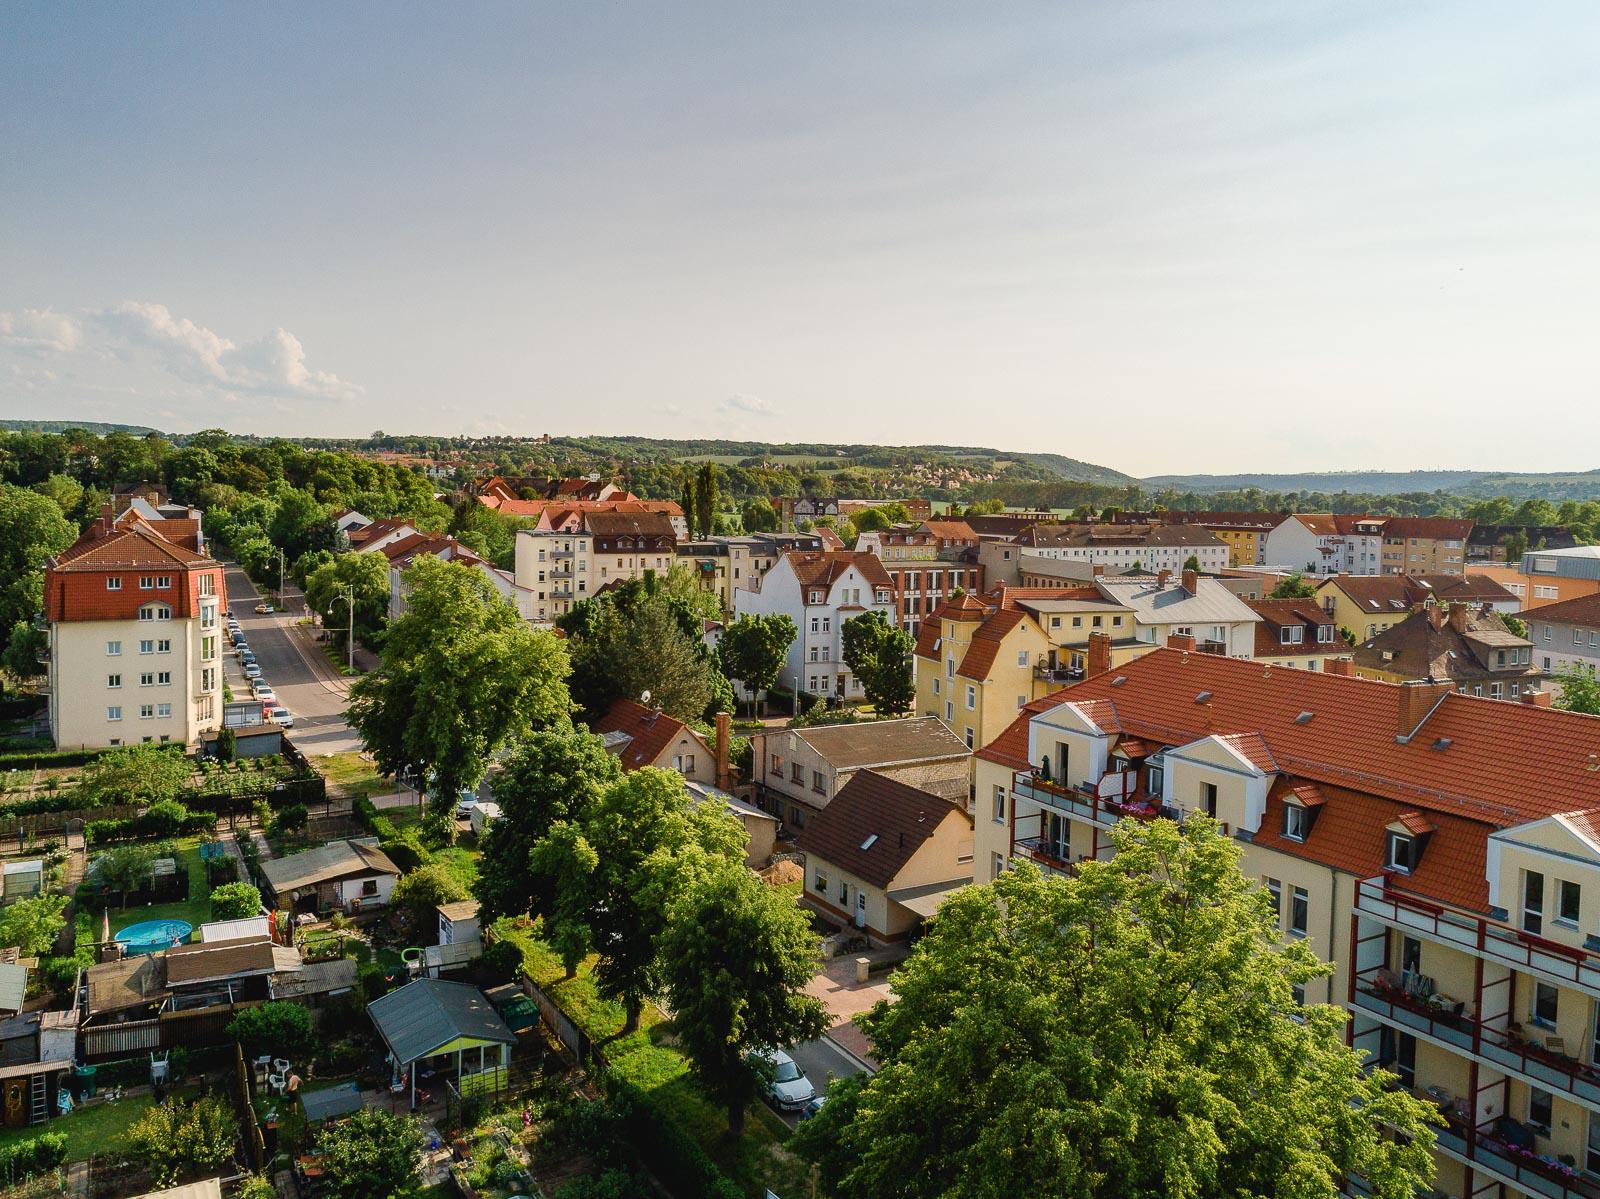 Wohnen in der Saalestraße in Naumburg